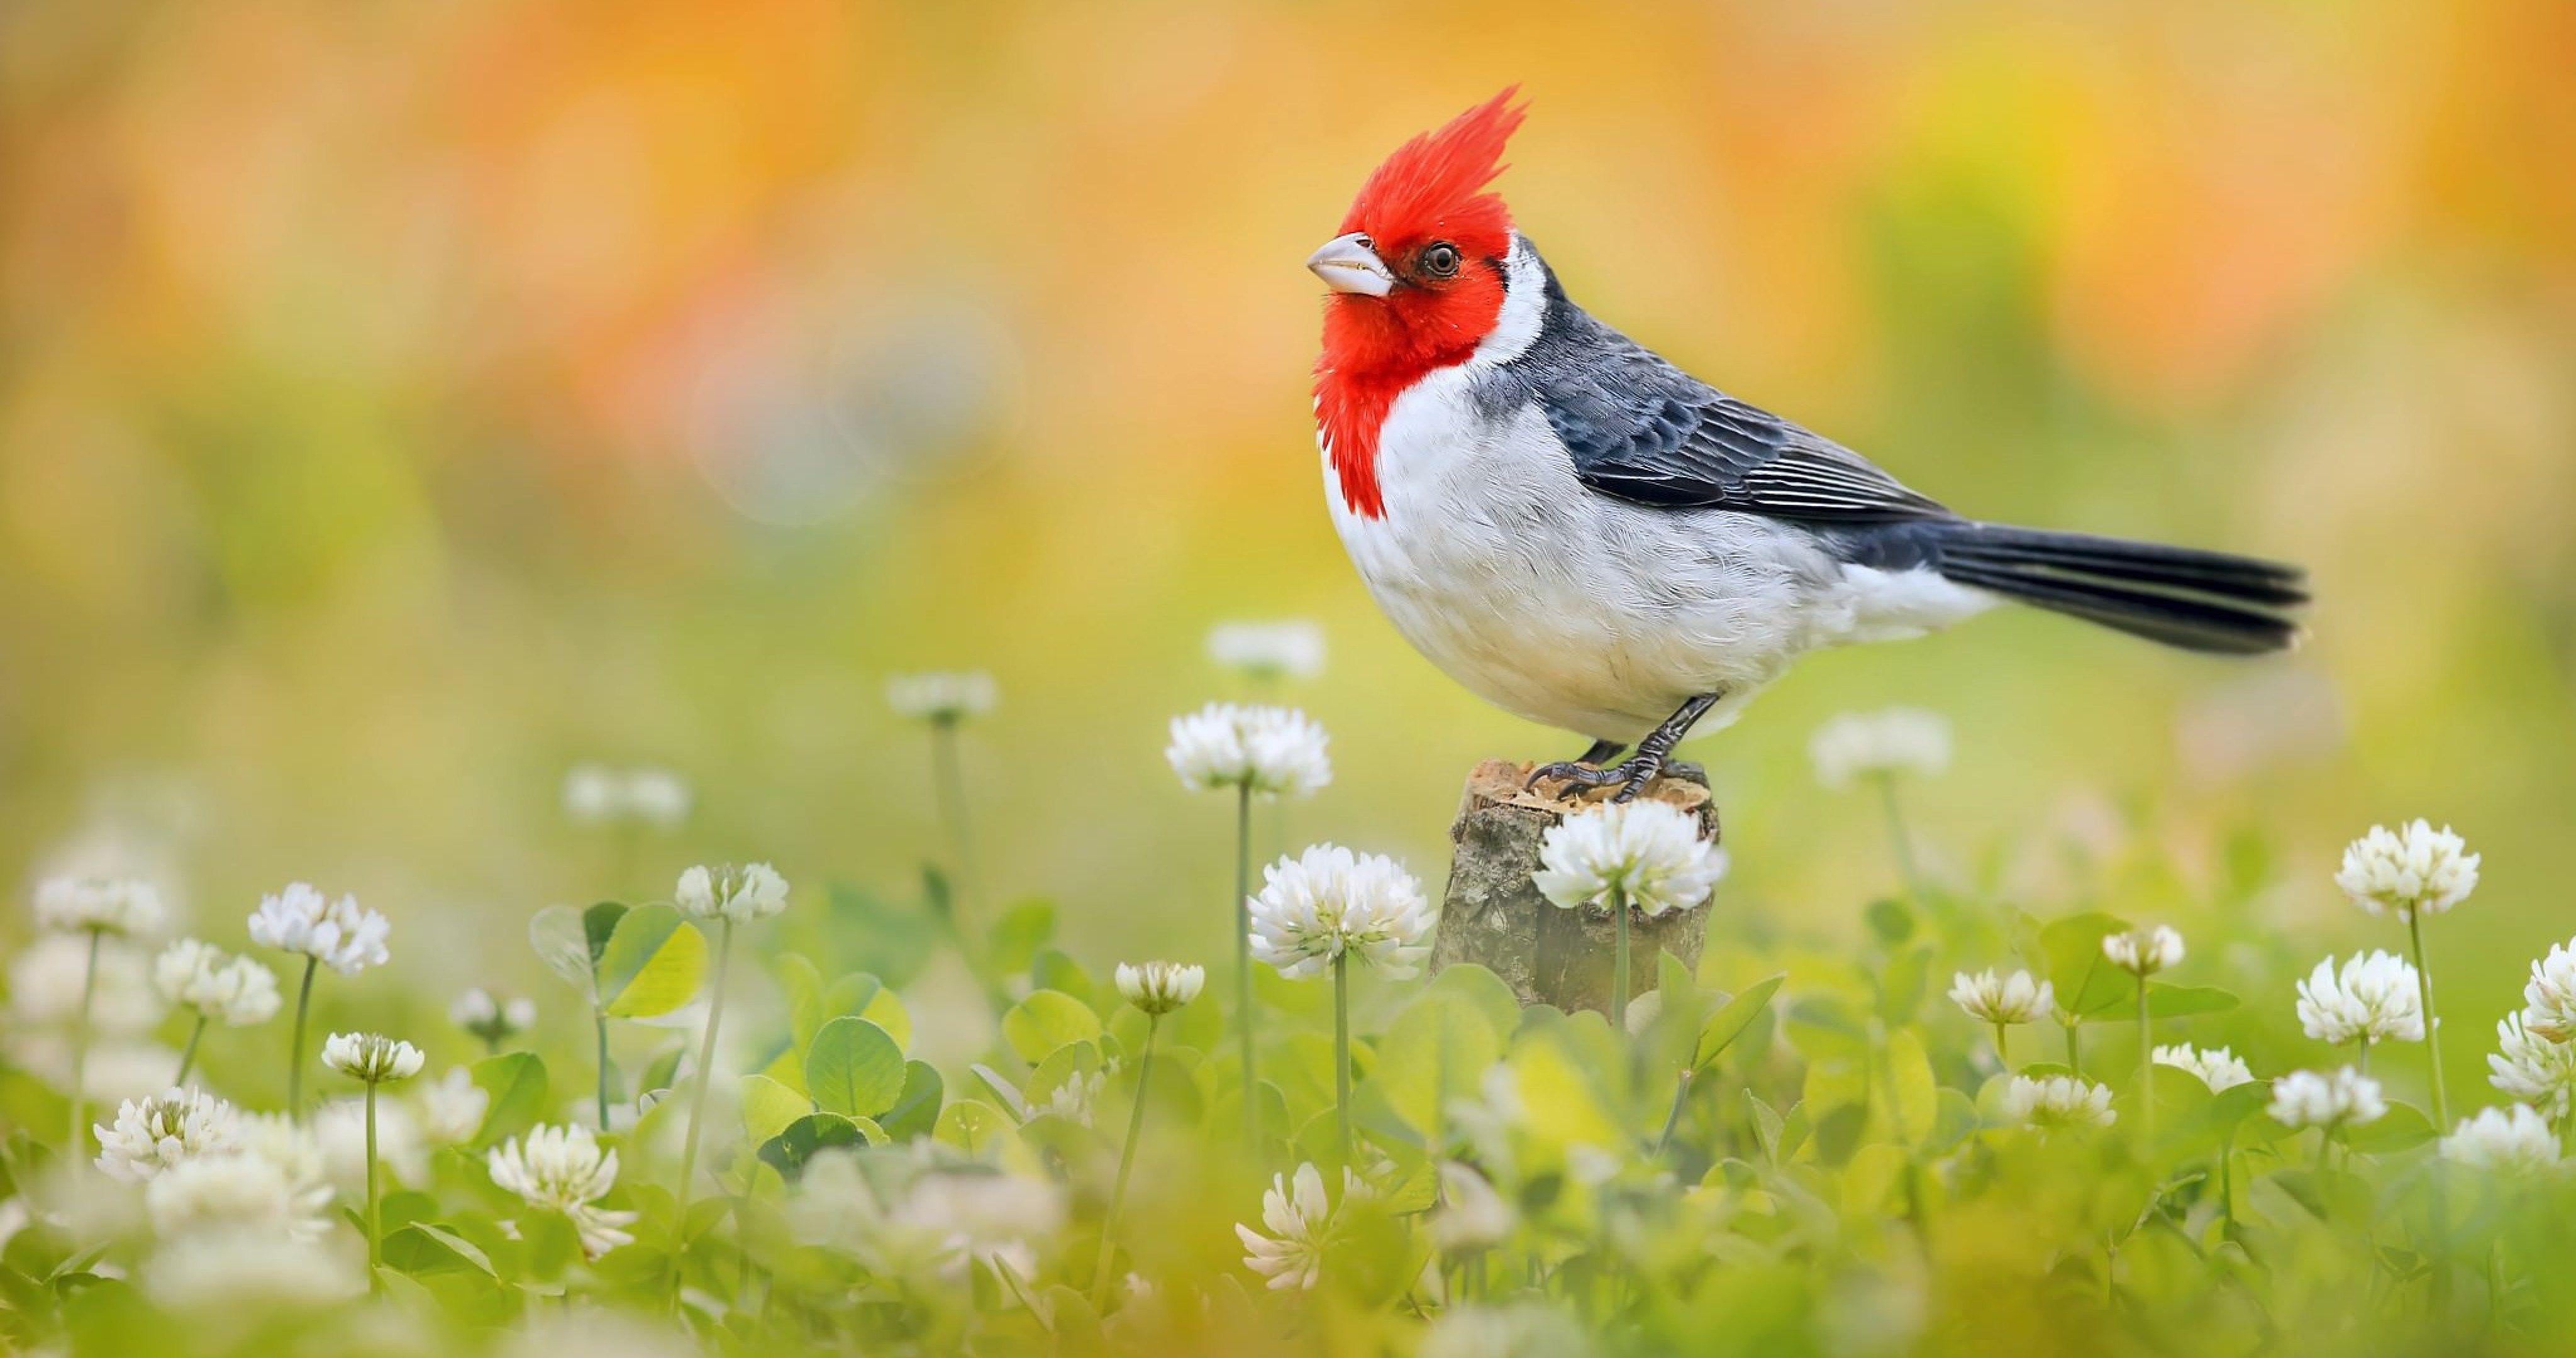 Birds Picture Hd Wallpapers Backgrounds Of Your Choice Beautiful Bird Wallpaper Parrot Wallpaper Bird Wallpaper